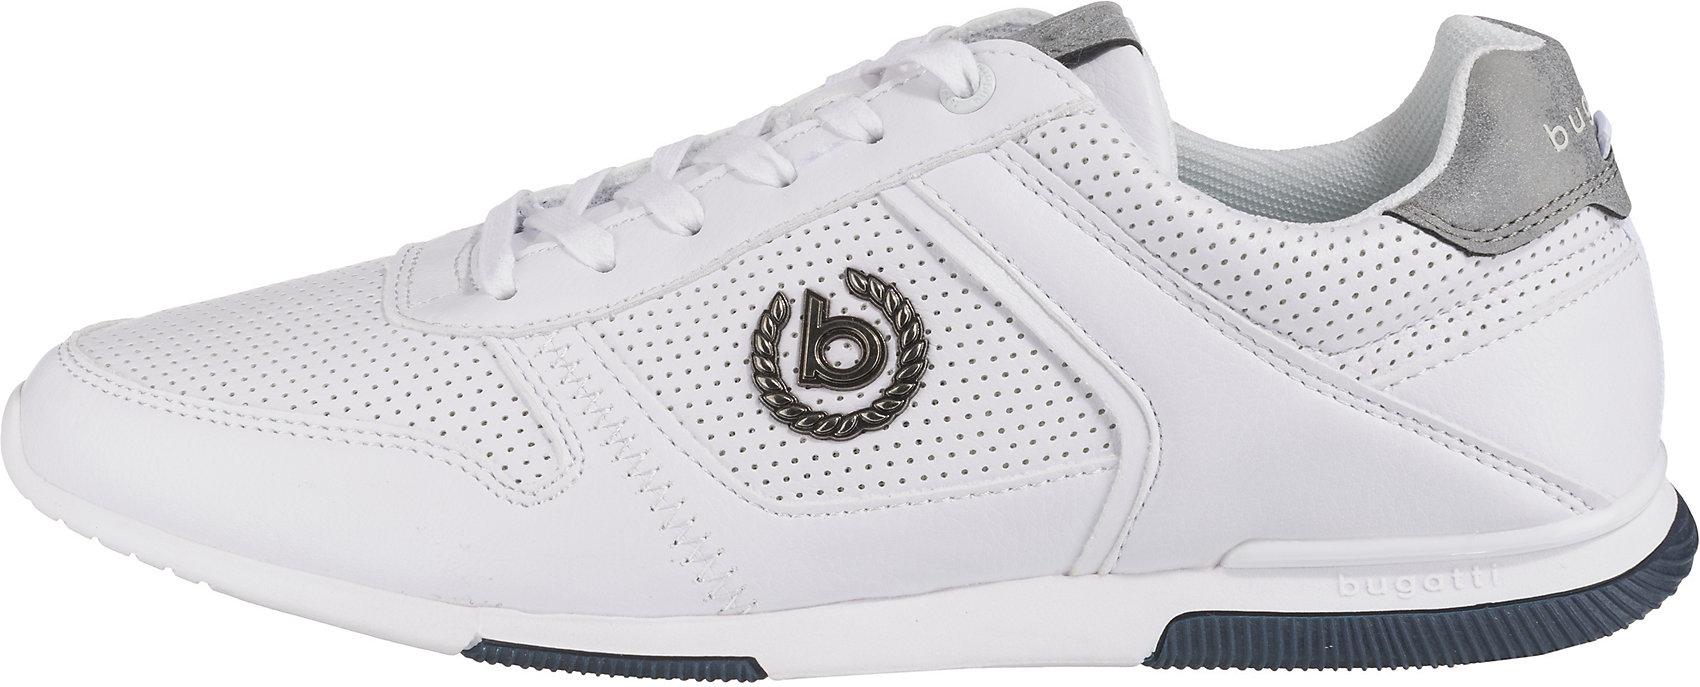 Details zu Neu bugatti REPORT Sneakers Low 10410857 für Herren weiß